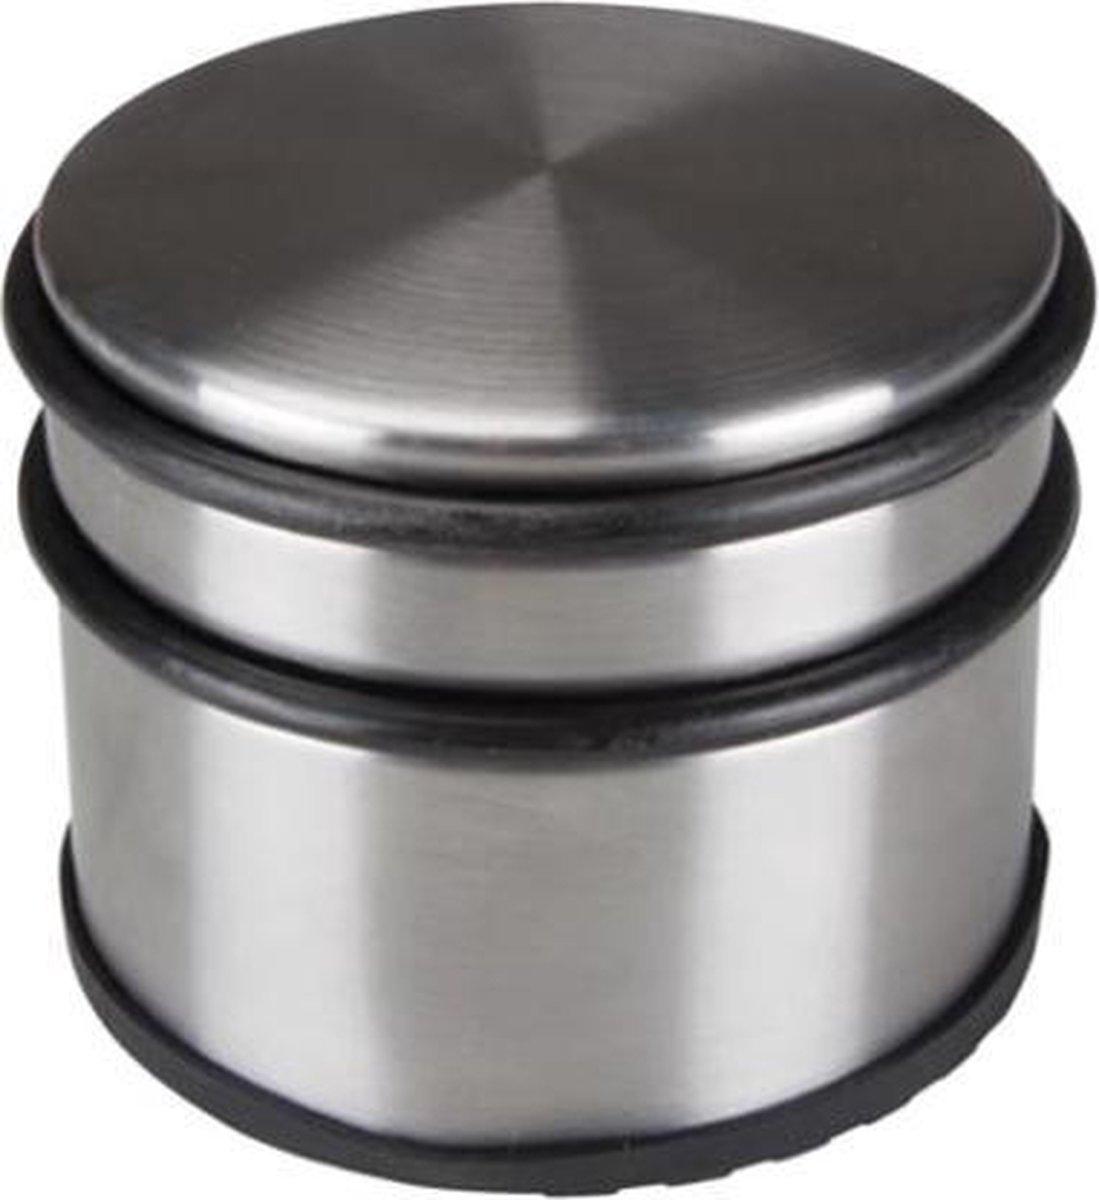 Bloomingville Deurstopper - 9x7,5 Cm - Metaal, chroom